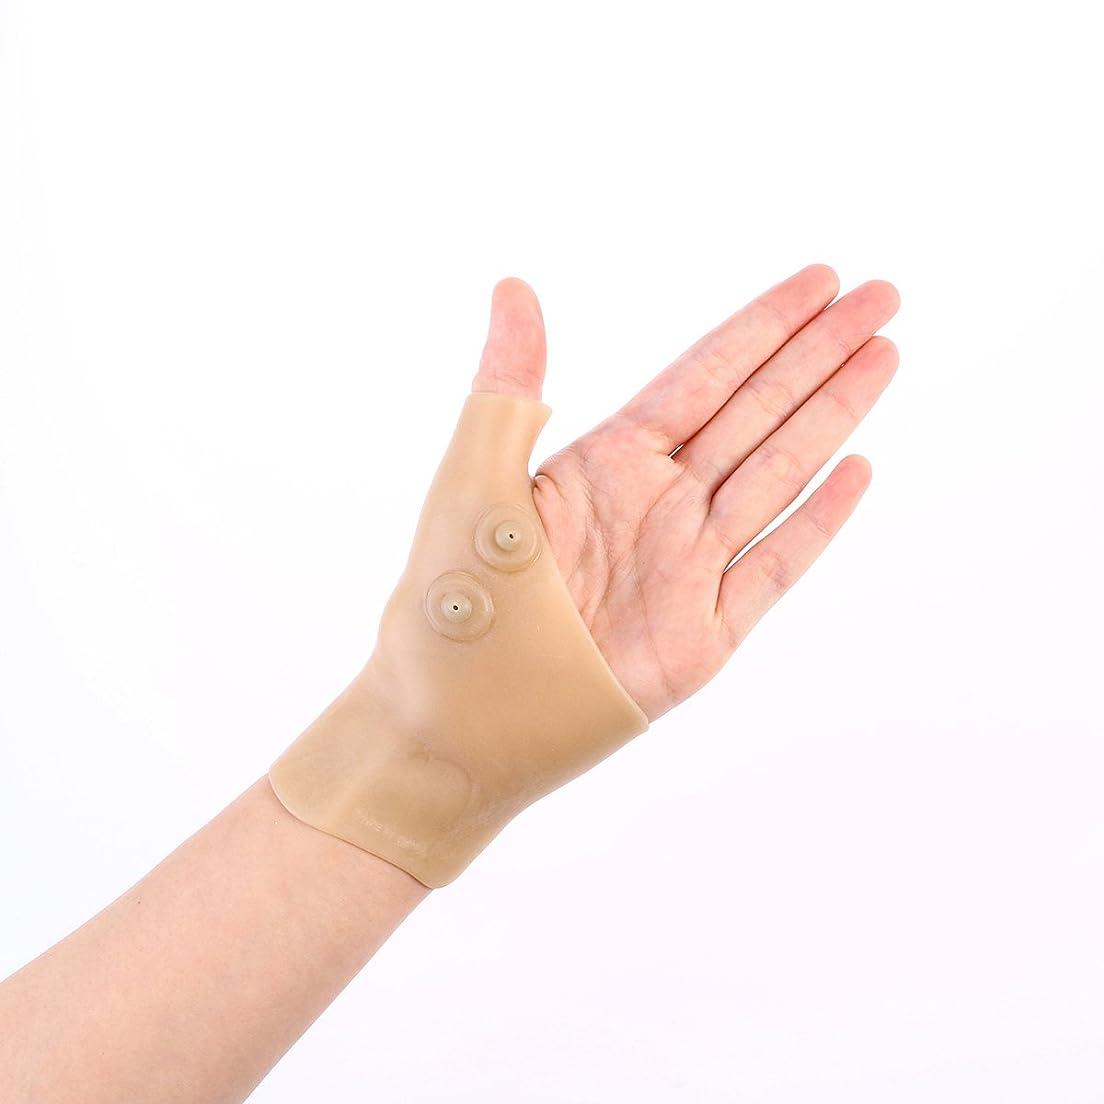 ストラップフラッシュのように素早く批評Healifty 首サポートブレース シリコンゲル 腱鞘炎 バネ指 手首の親指の痛みを和らげる 2個